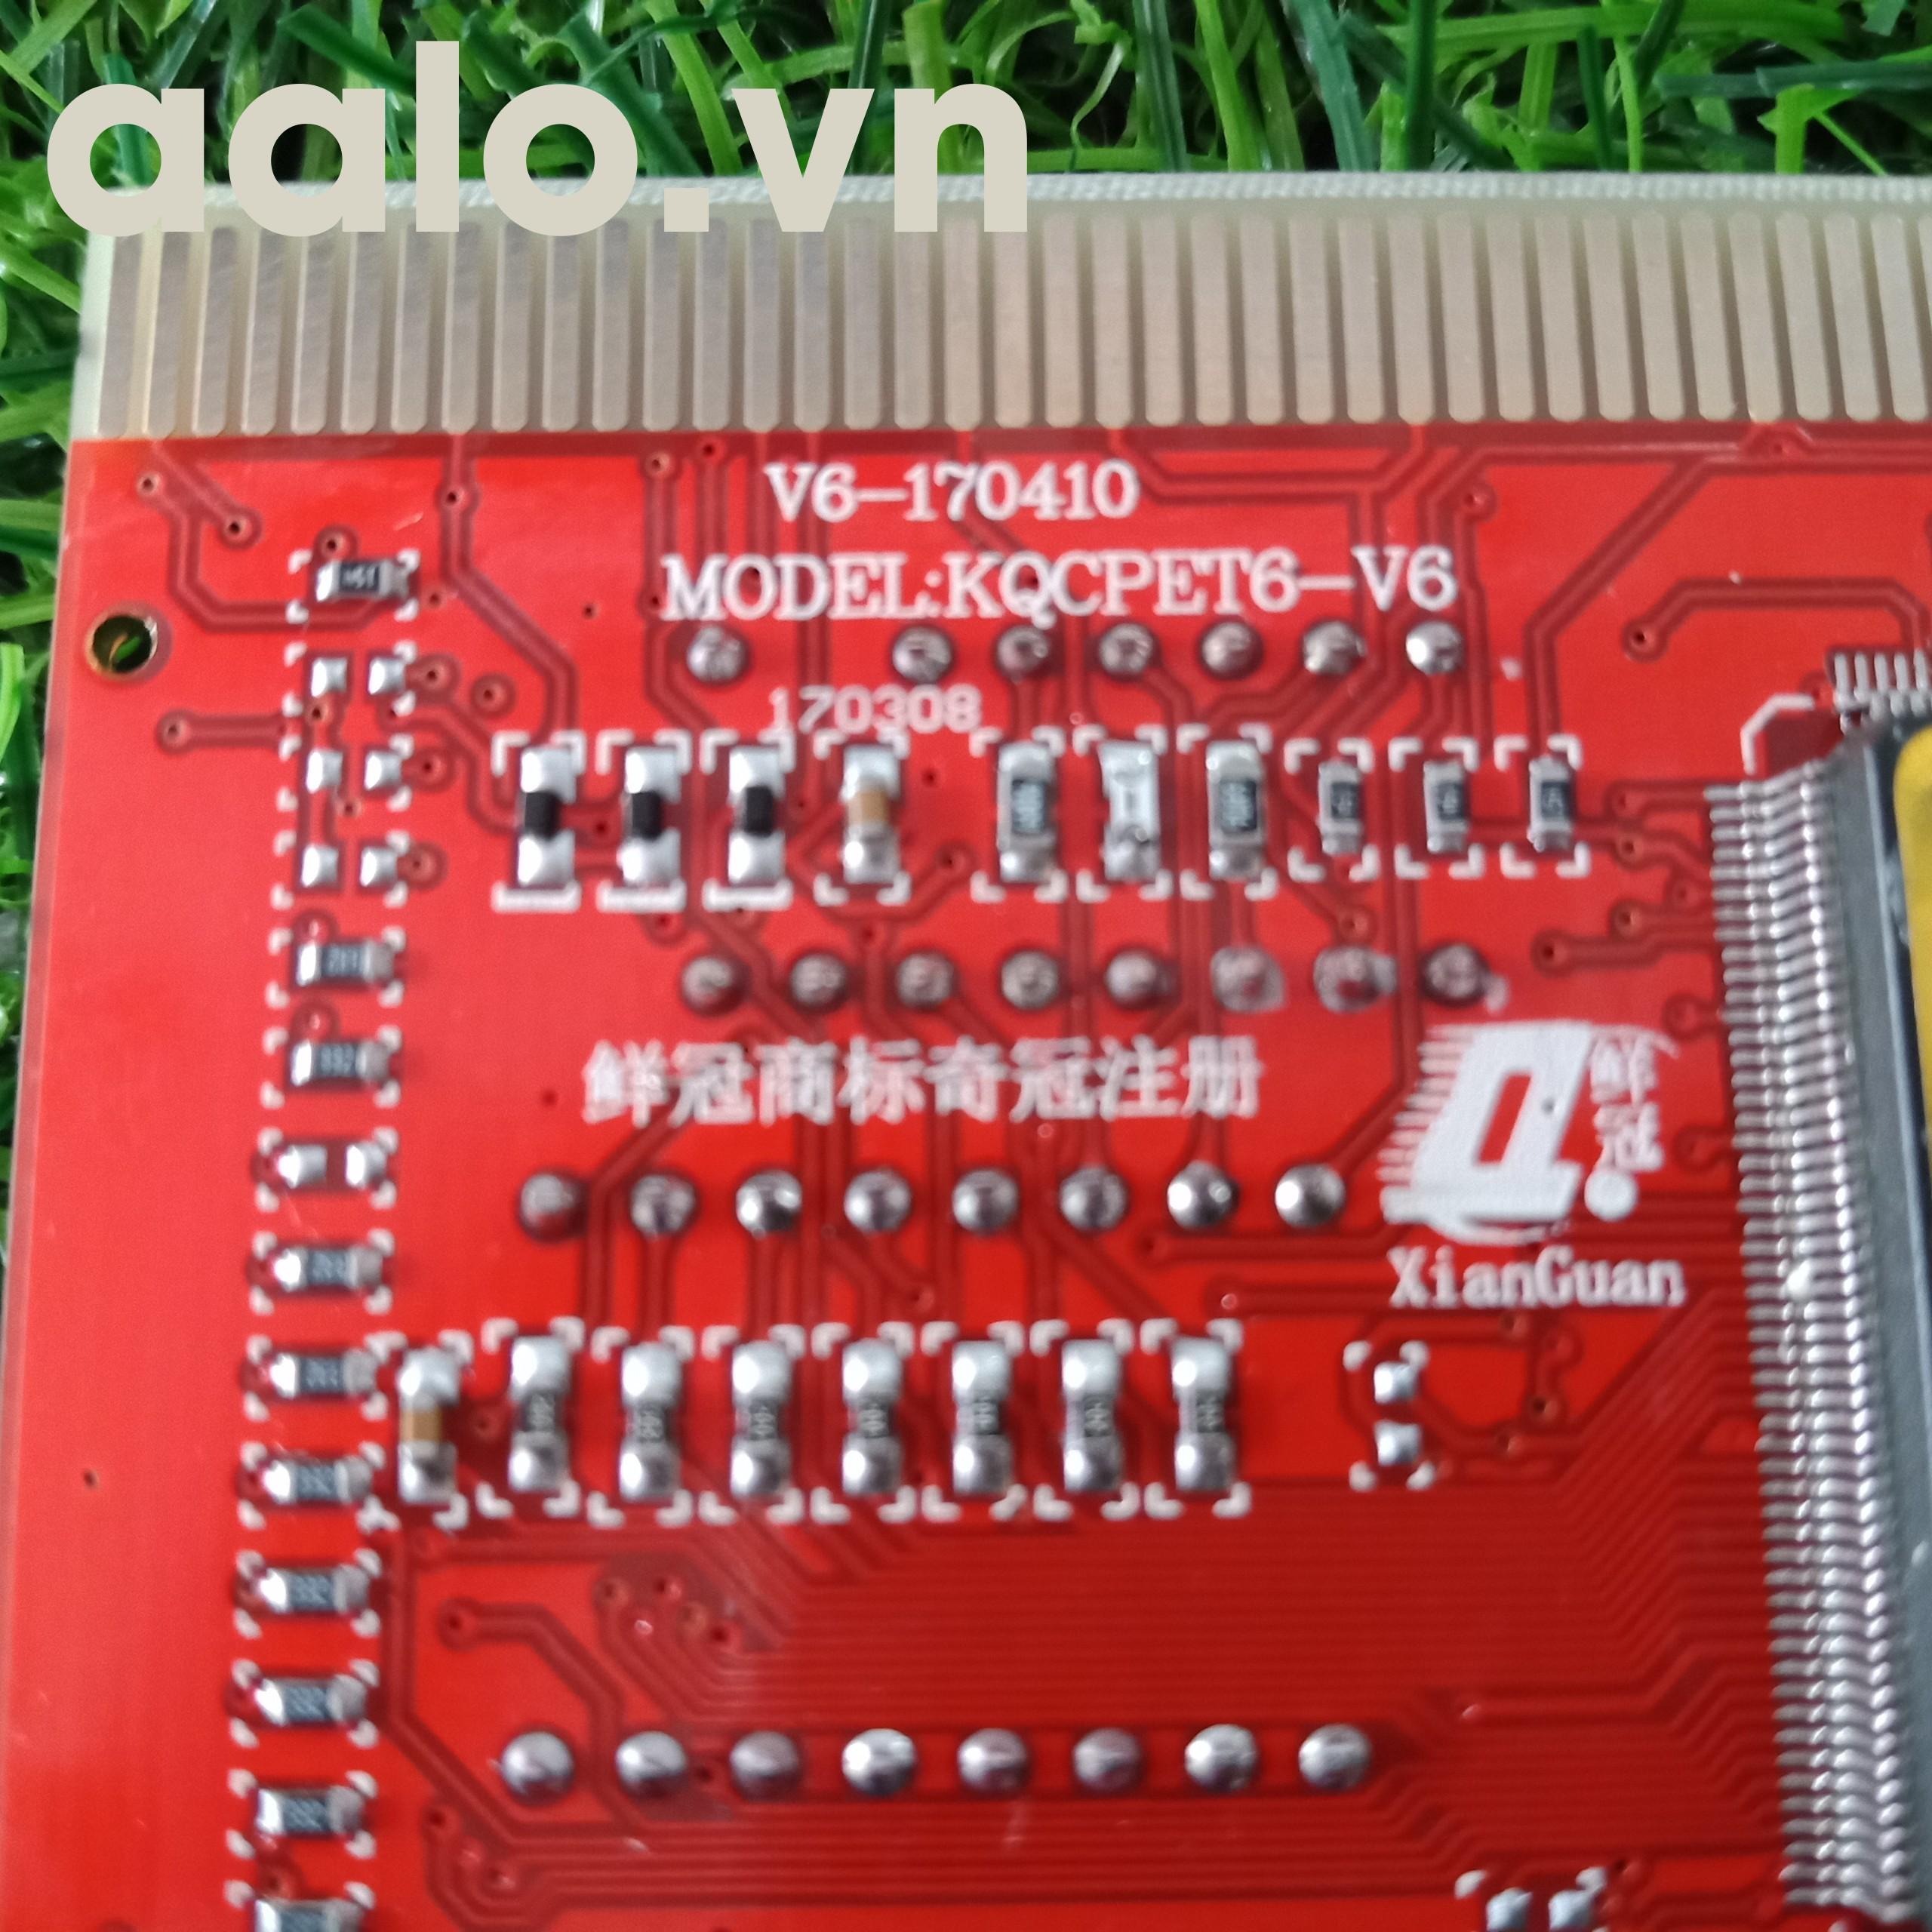 Card test main đa năng KQCPET6 V6 Loại B 3 trong 1 Điện thoại / Máy tính xách tay Máy tính / PC Máy tính để bàn phổ Thử nghiệm chẩn đoán Gỡ lỗi Vua bài PCI Card PCI-E LPC MiniPCI-E CE